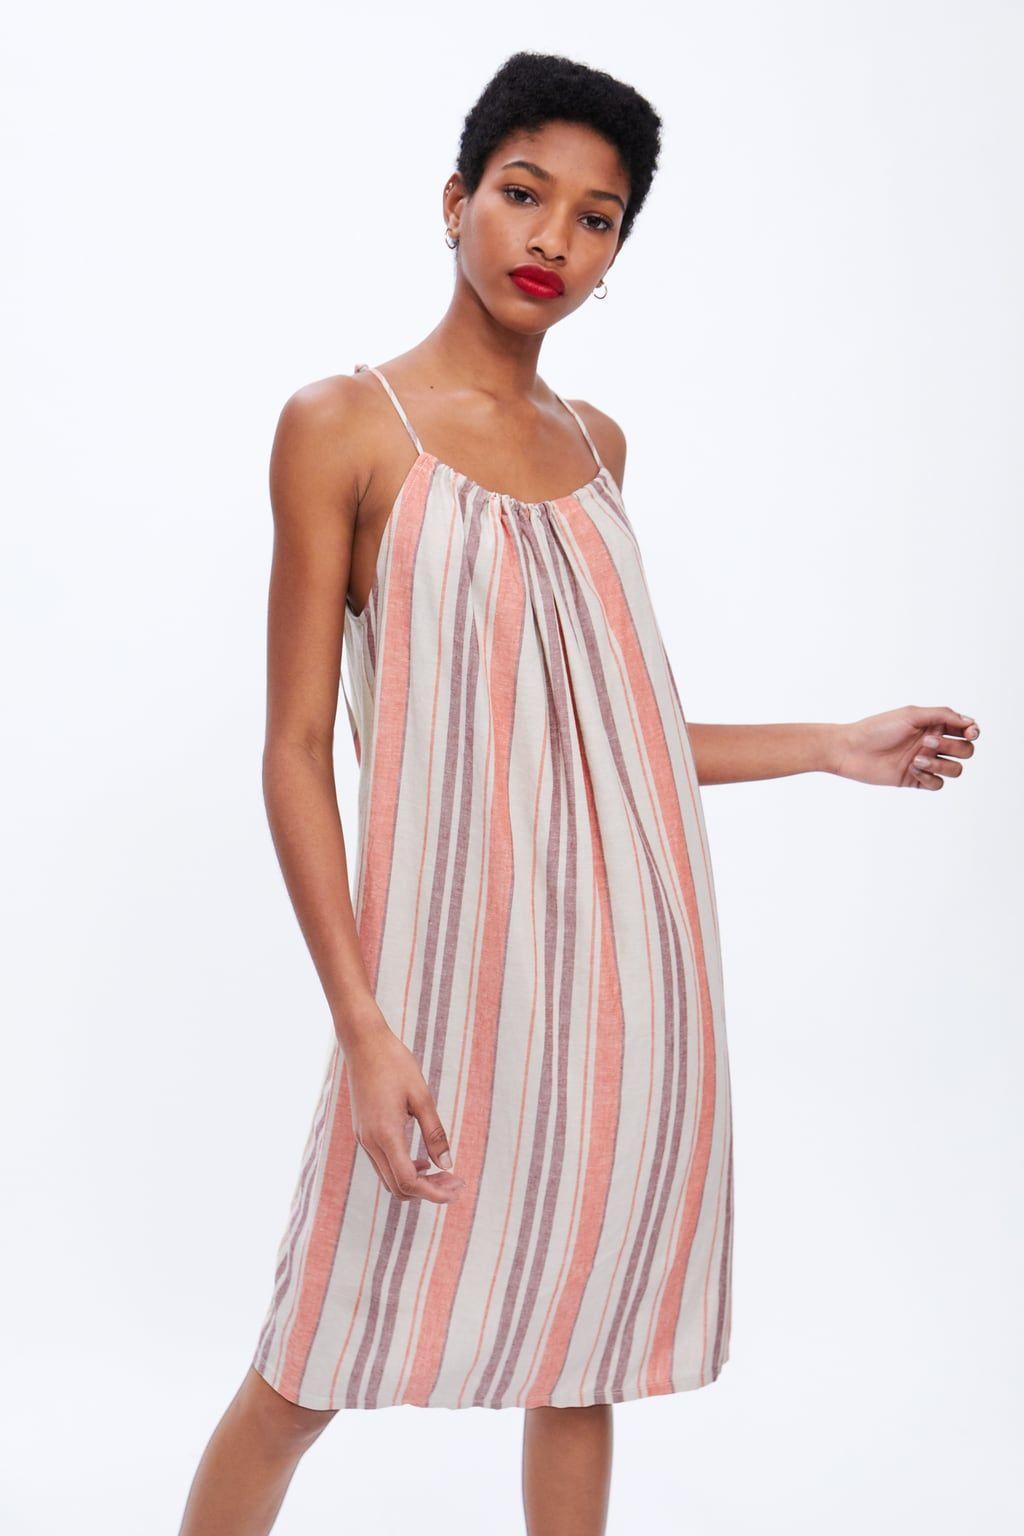 9f3a6098 Striped rustic dress in 2019 | ZARA favorites | Dresses, Rustic ...